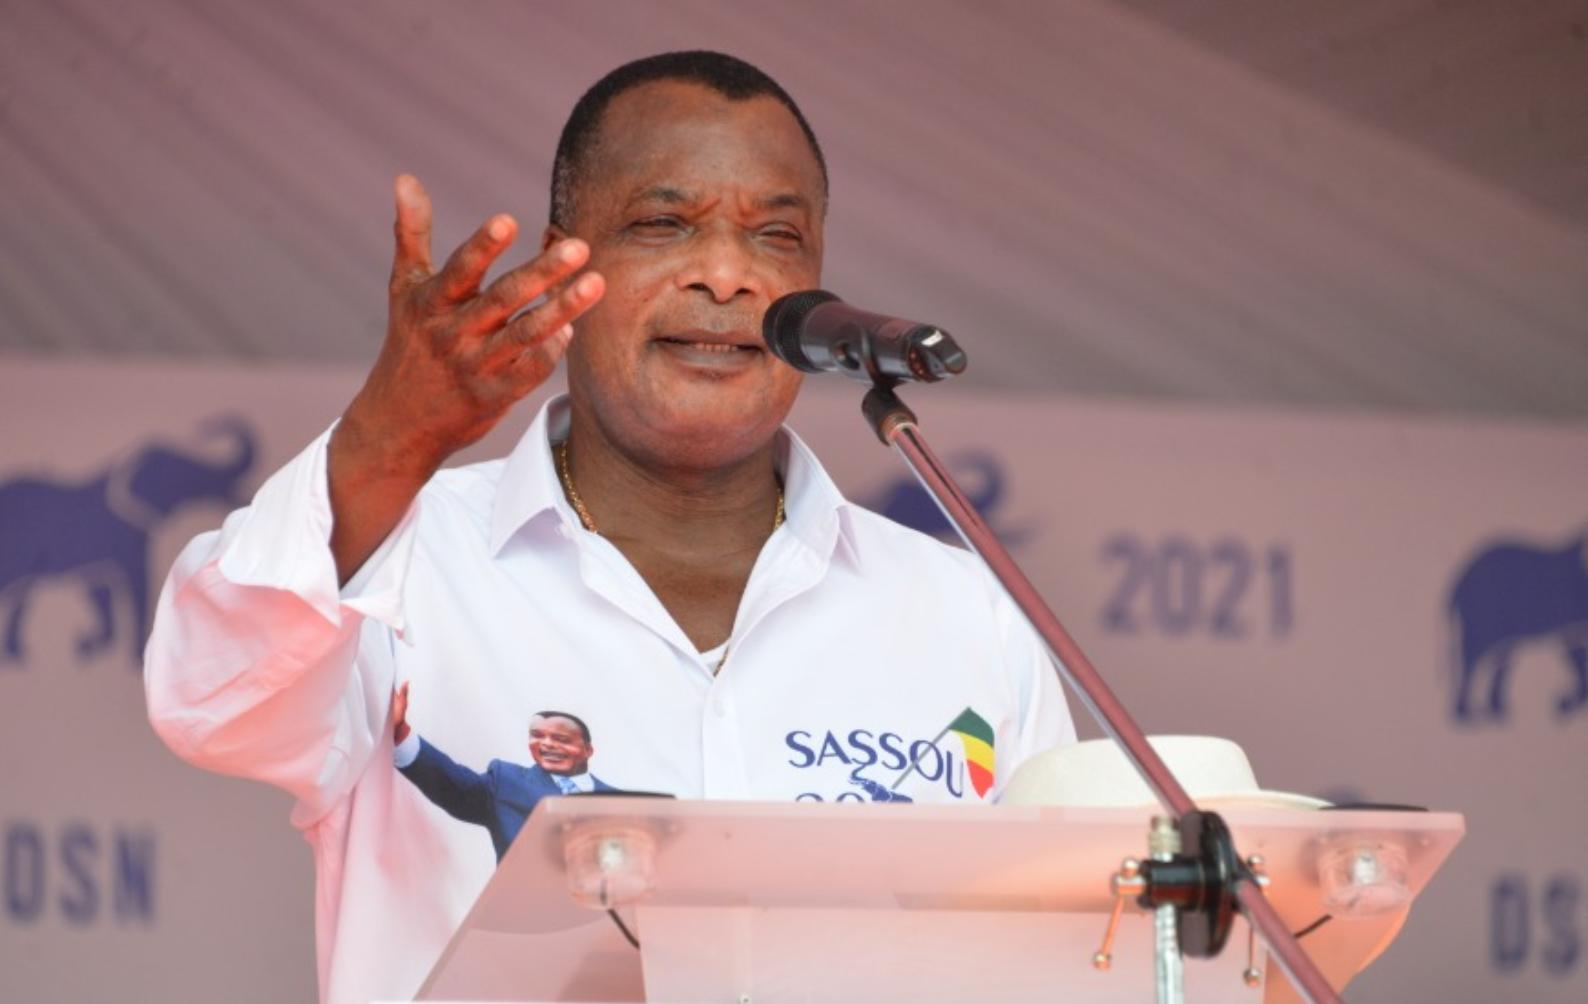 Le président sortant du Congo, Denis Sassou Nguesso